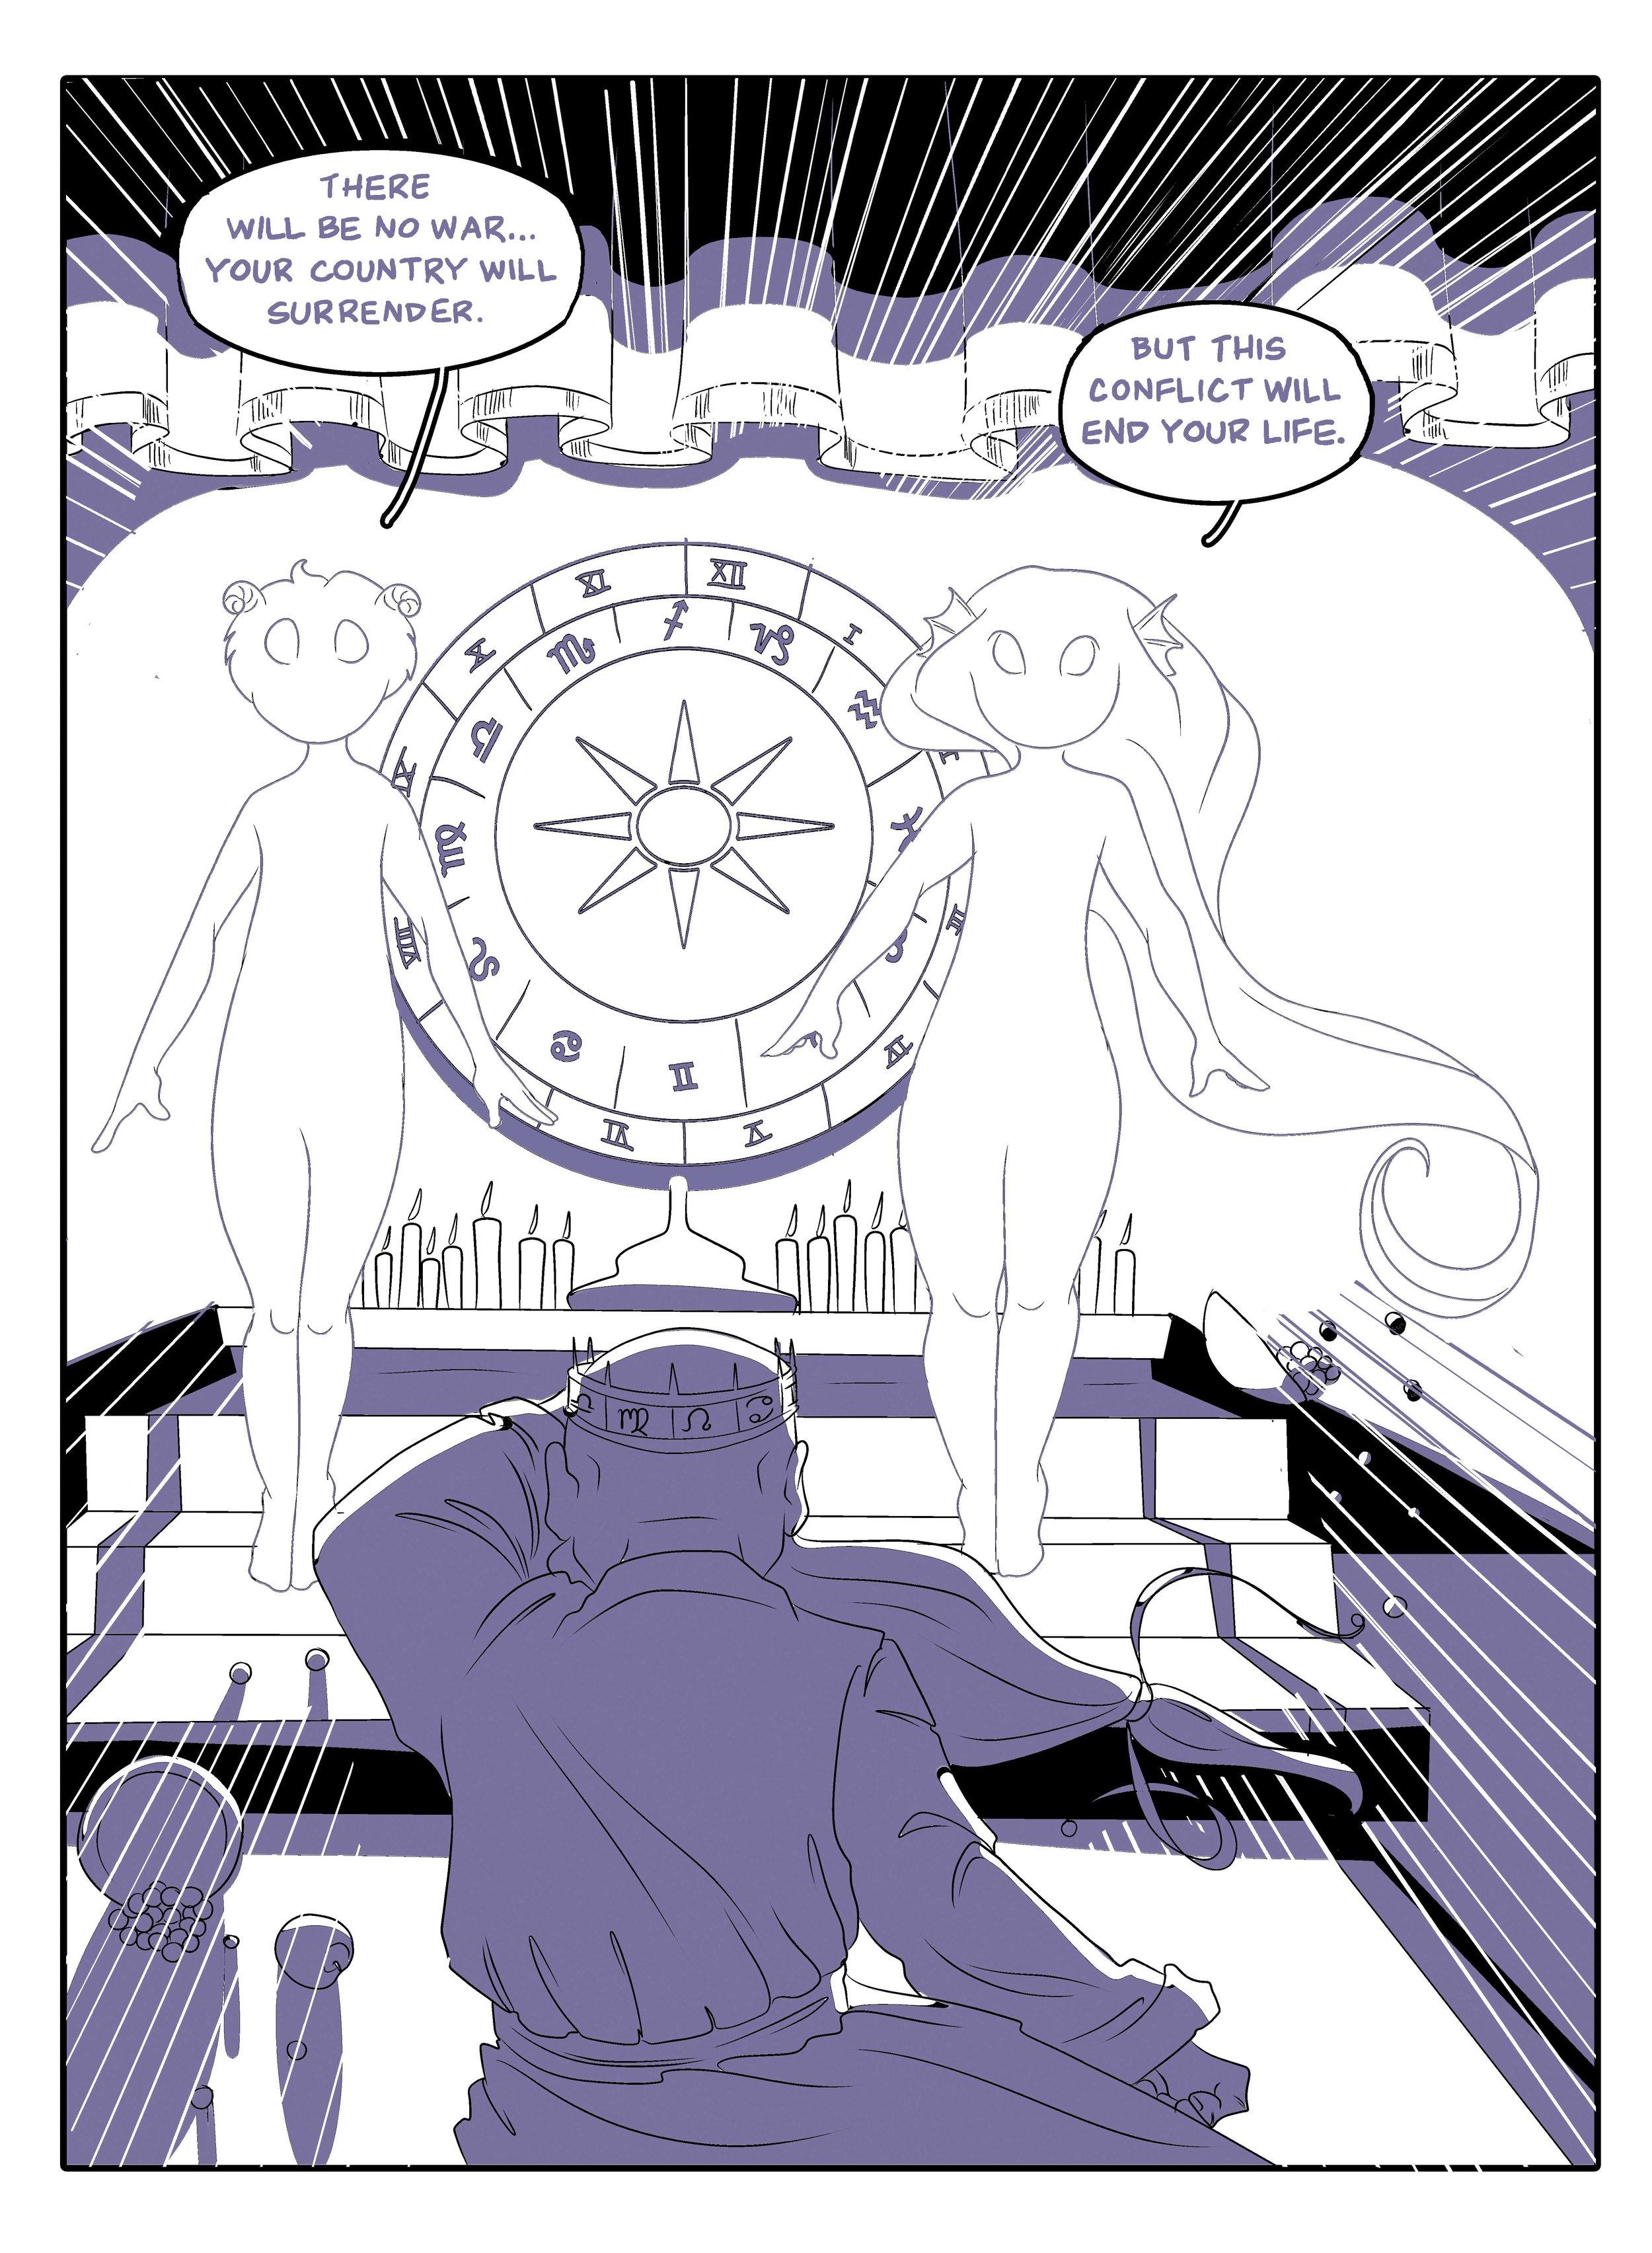 astrology6.jpg